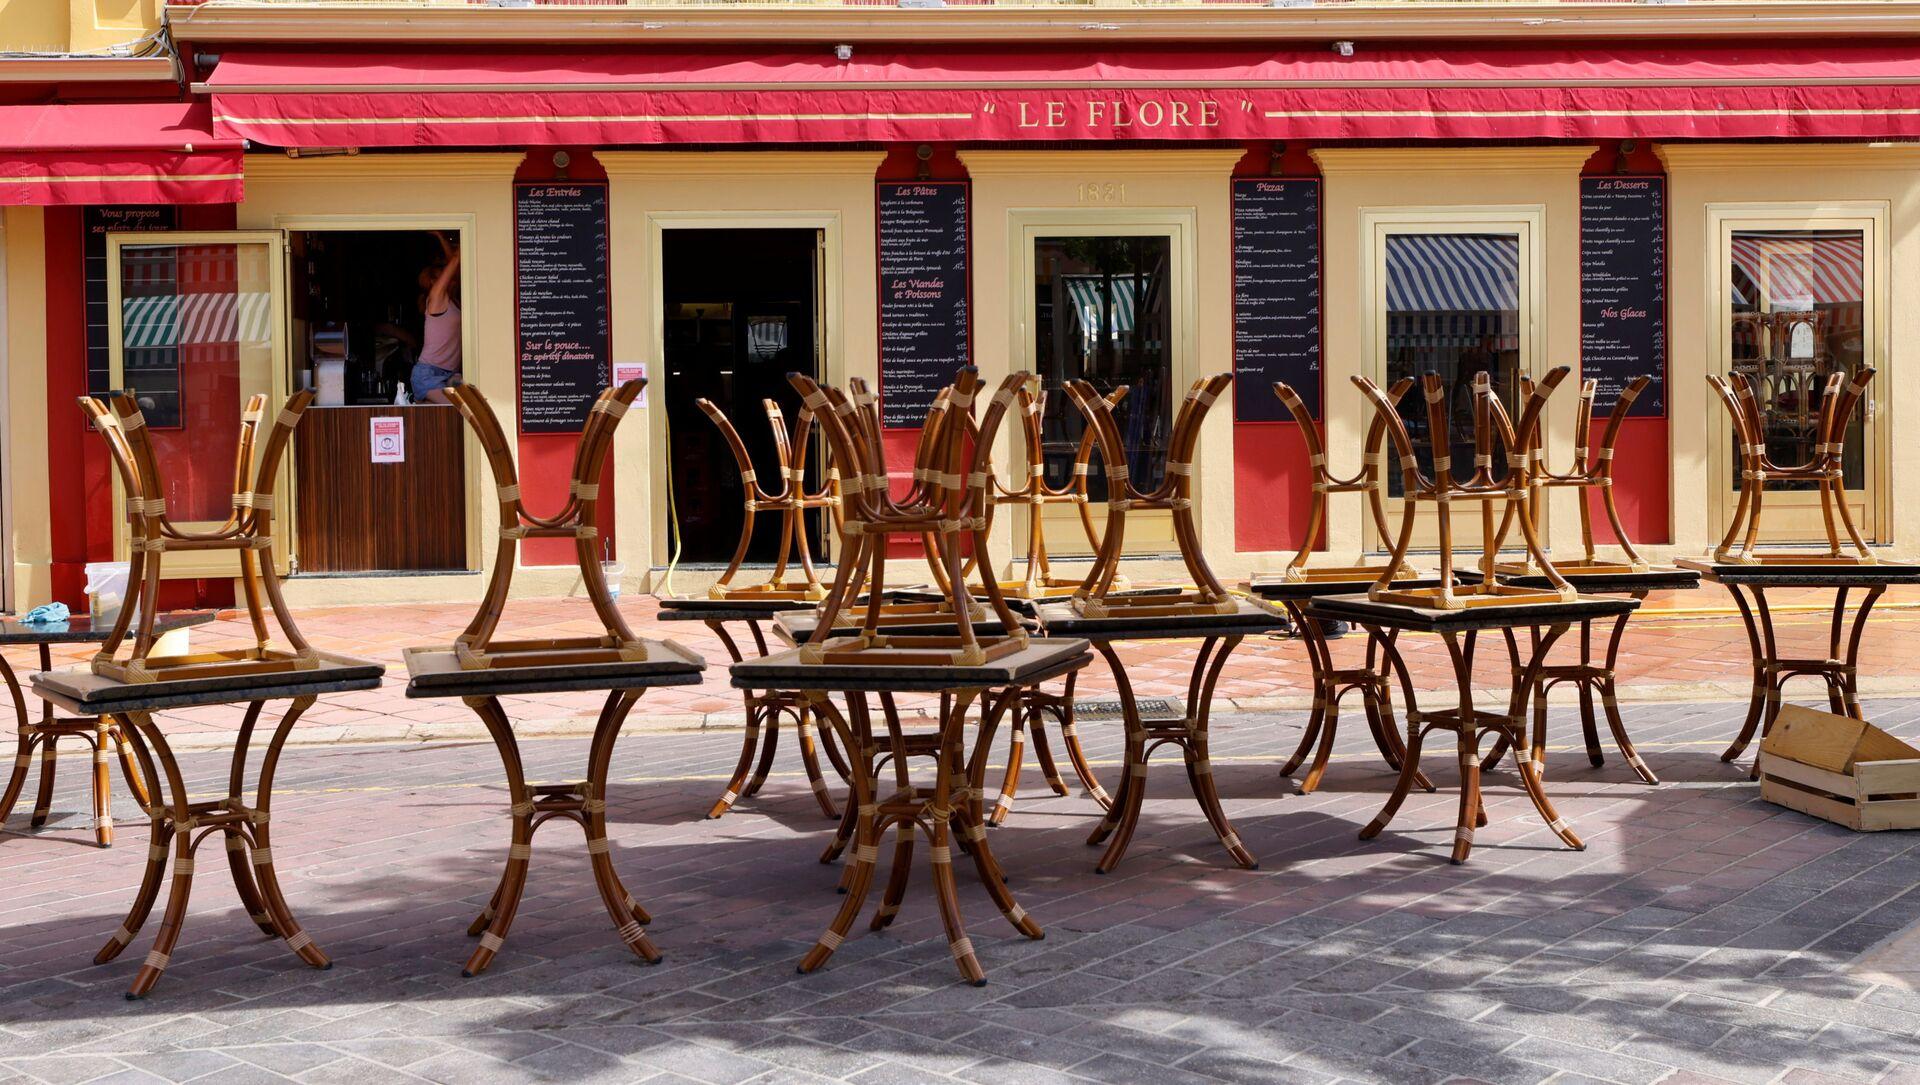 Tables sur une terrasse à Nice  - Sputnik France, 1920, 02.08.2021